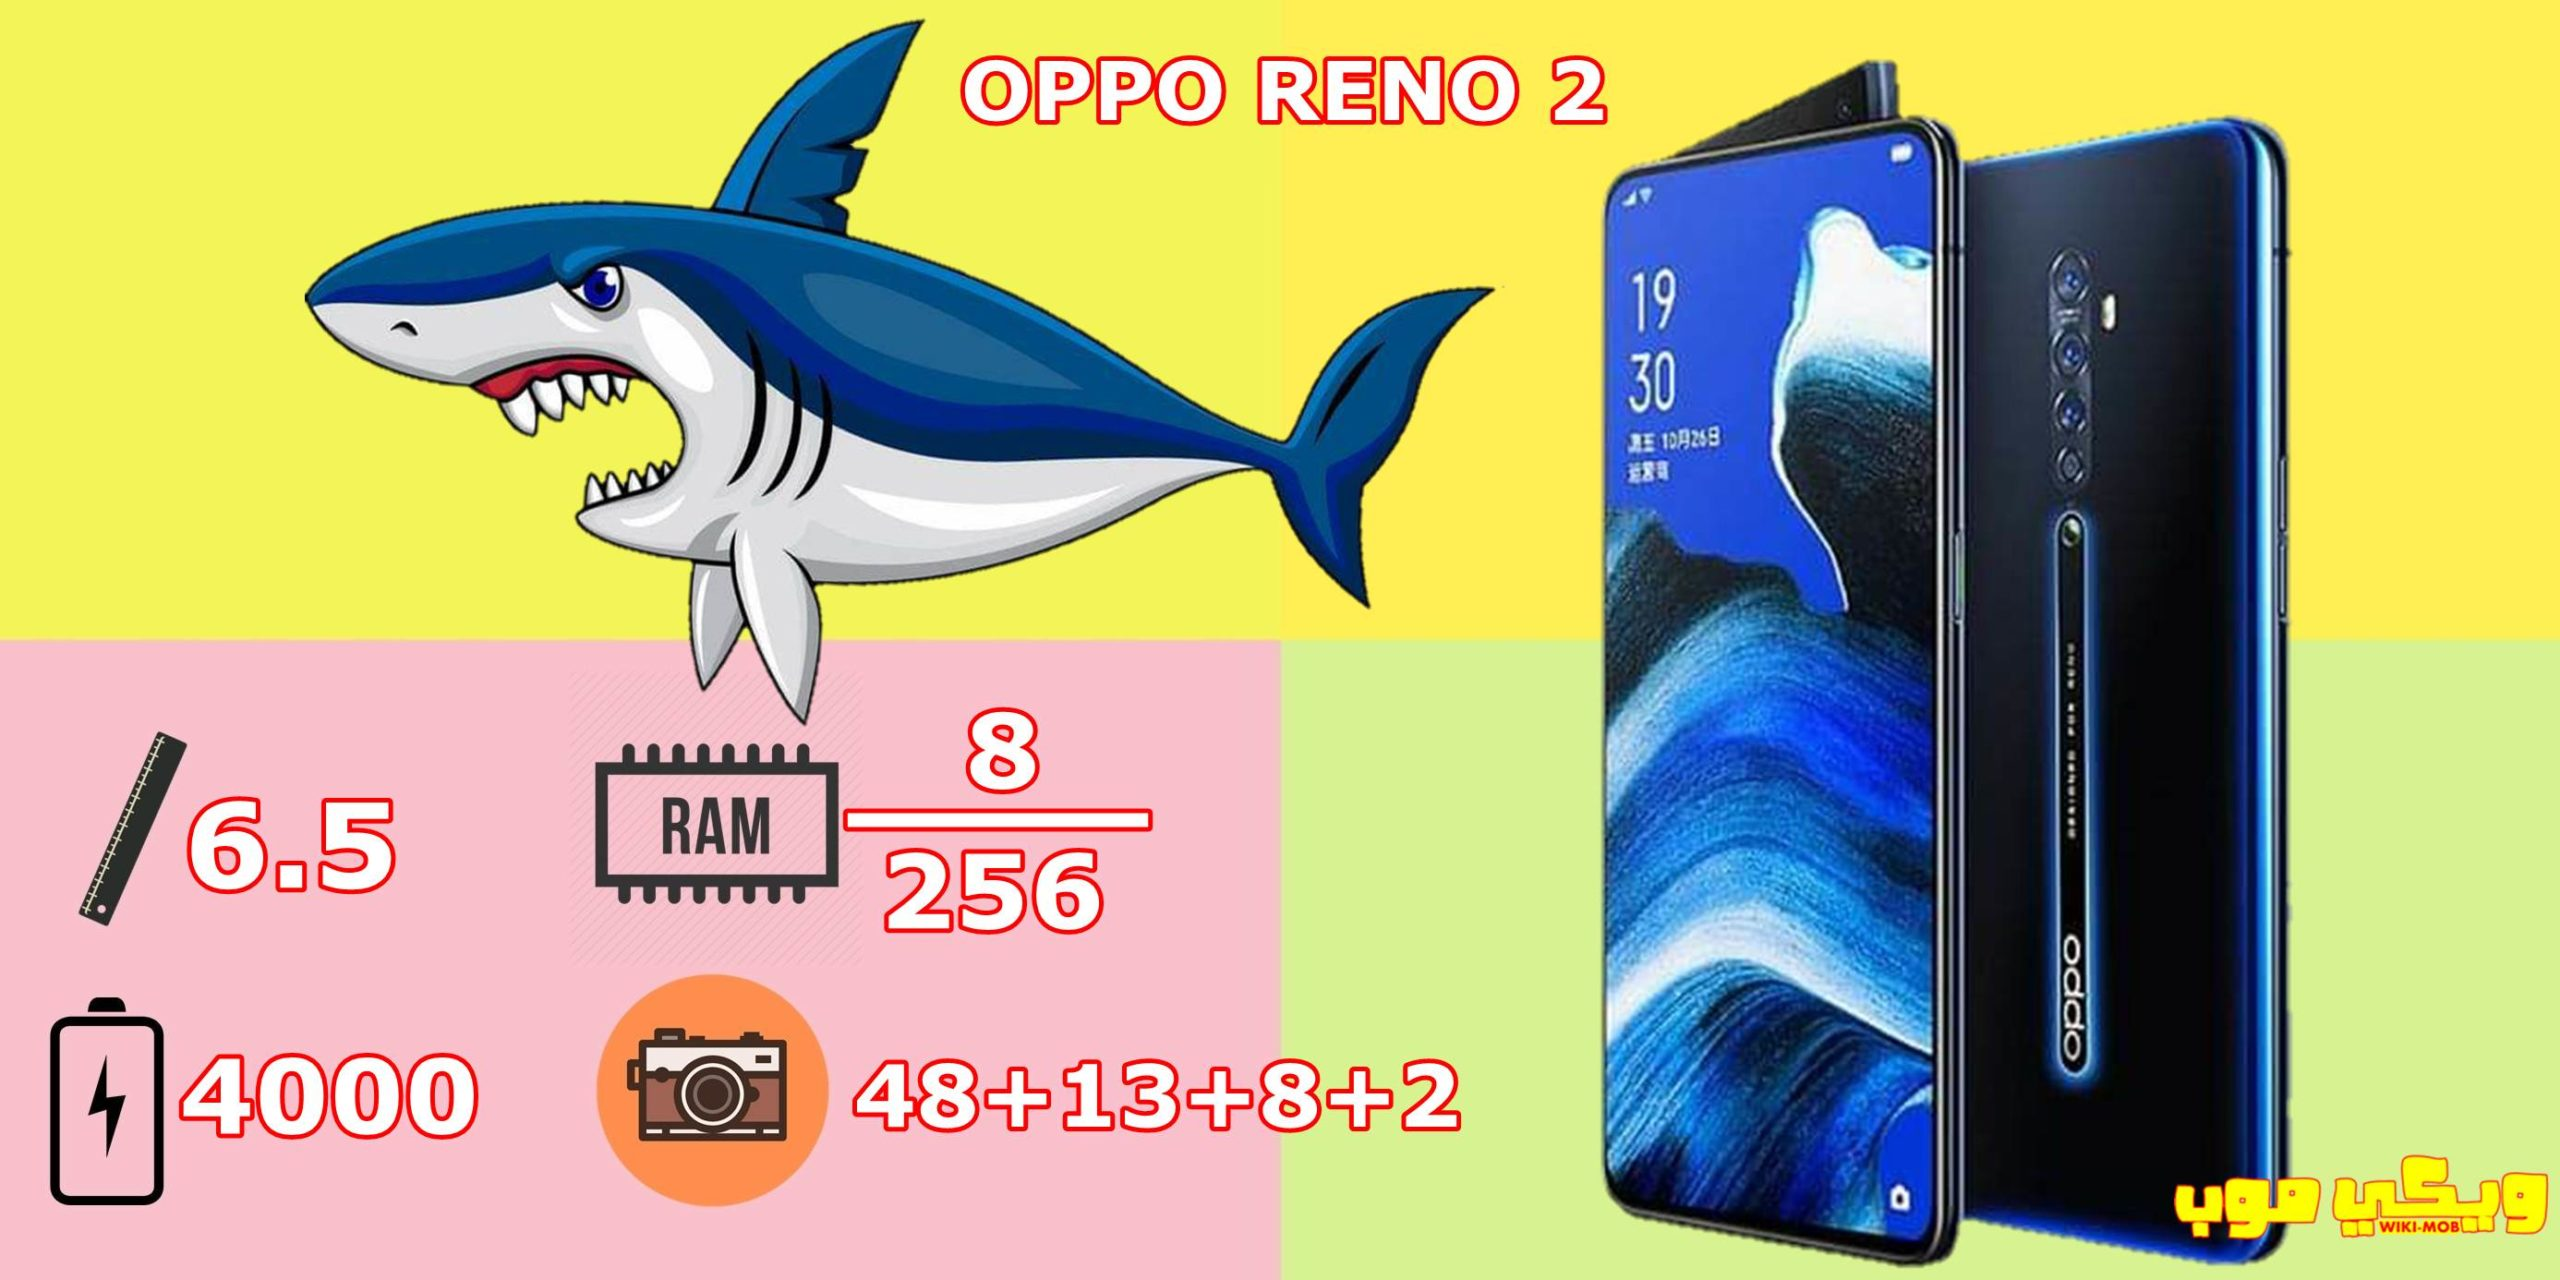 صورة Oppo Reno 2 مراجعة كاملة